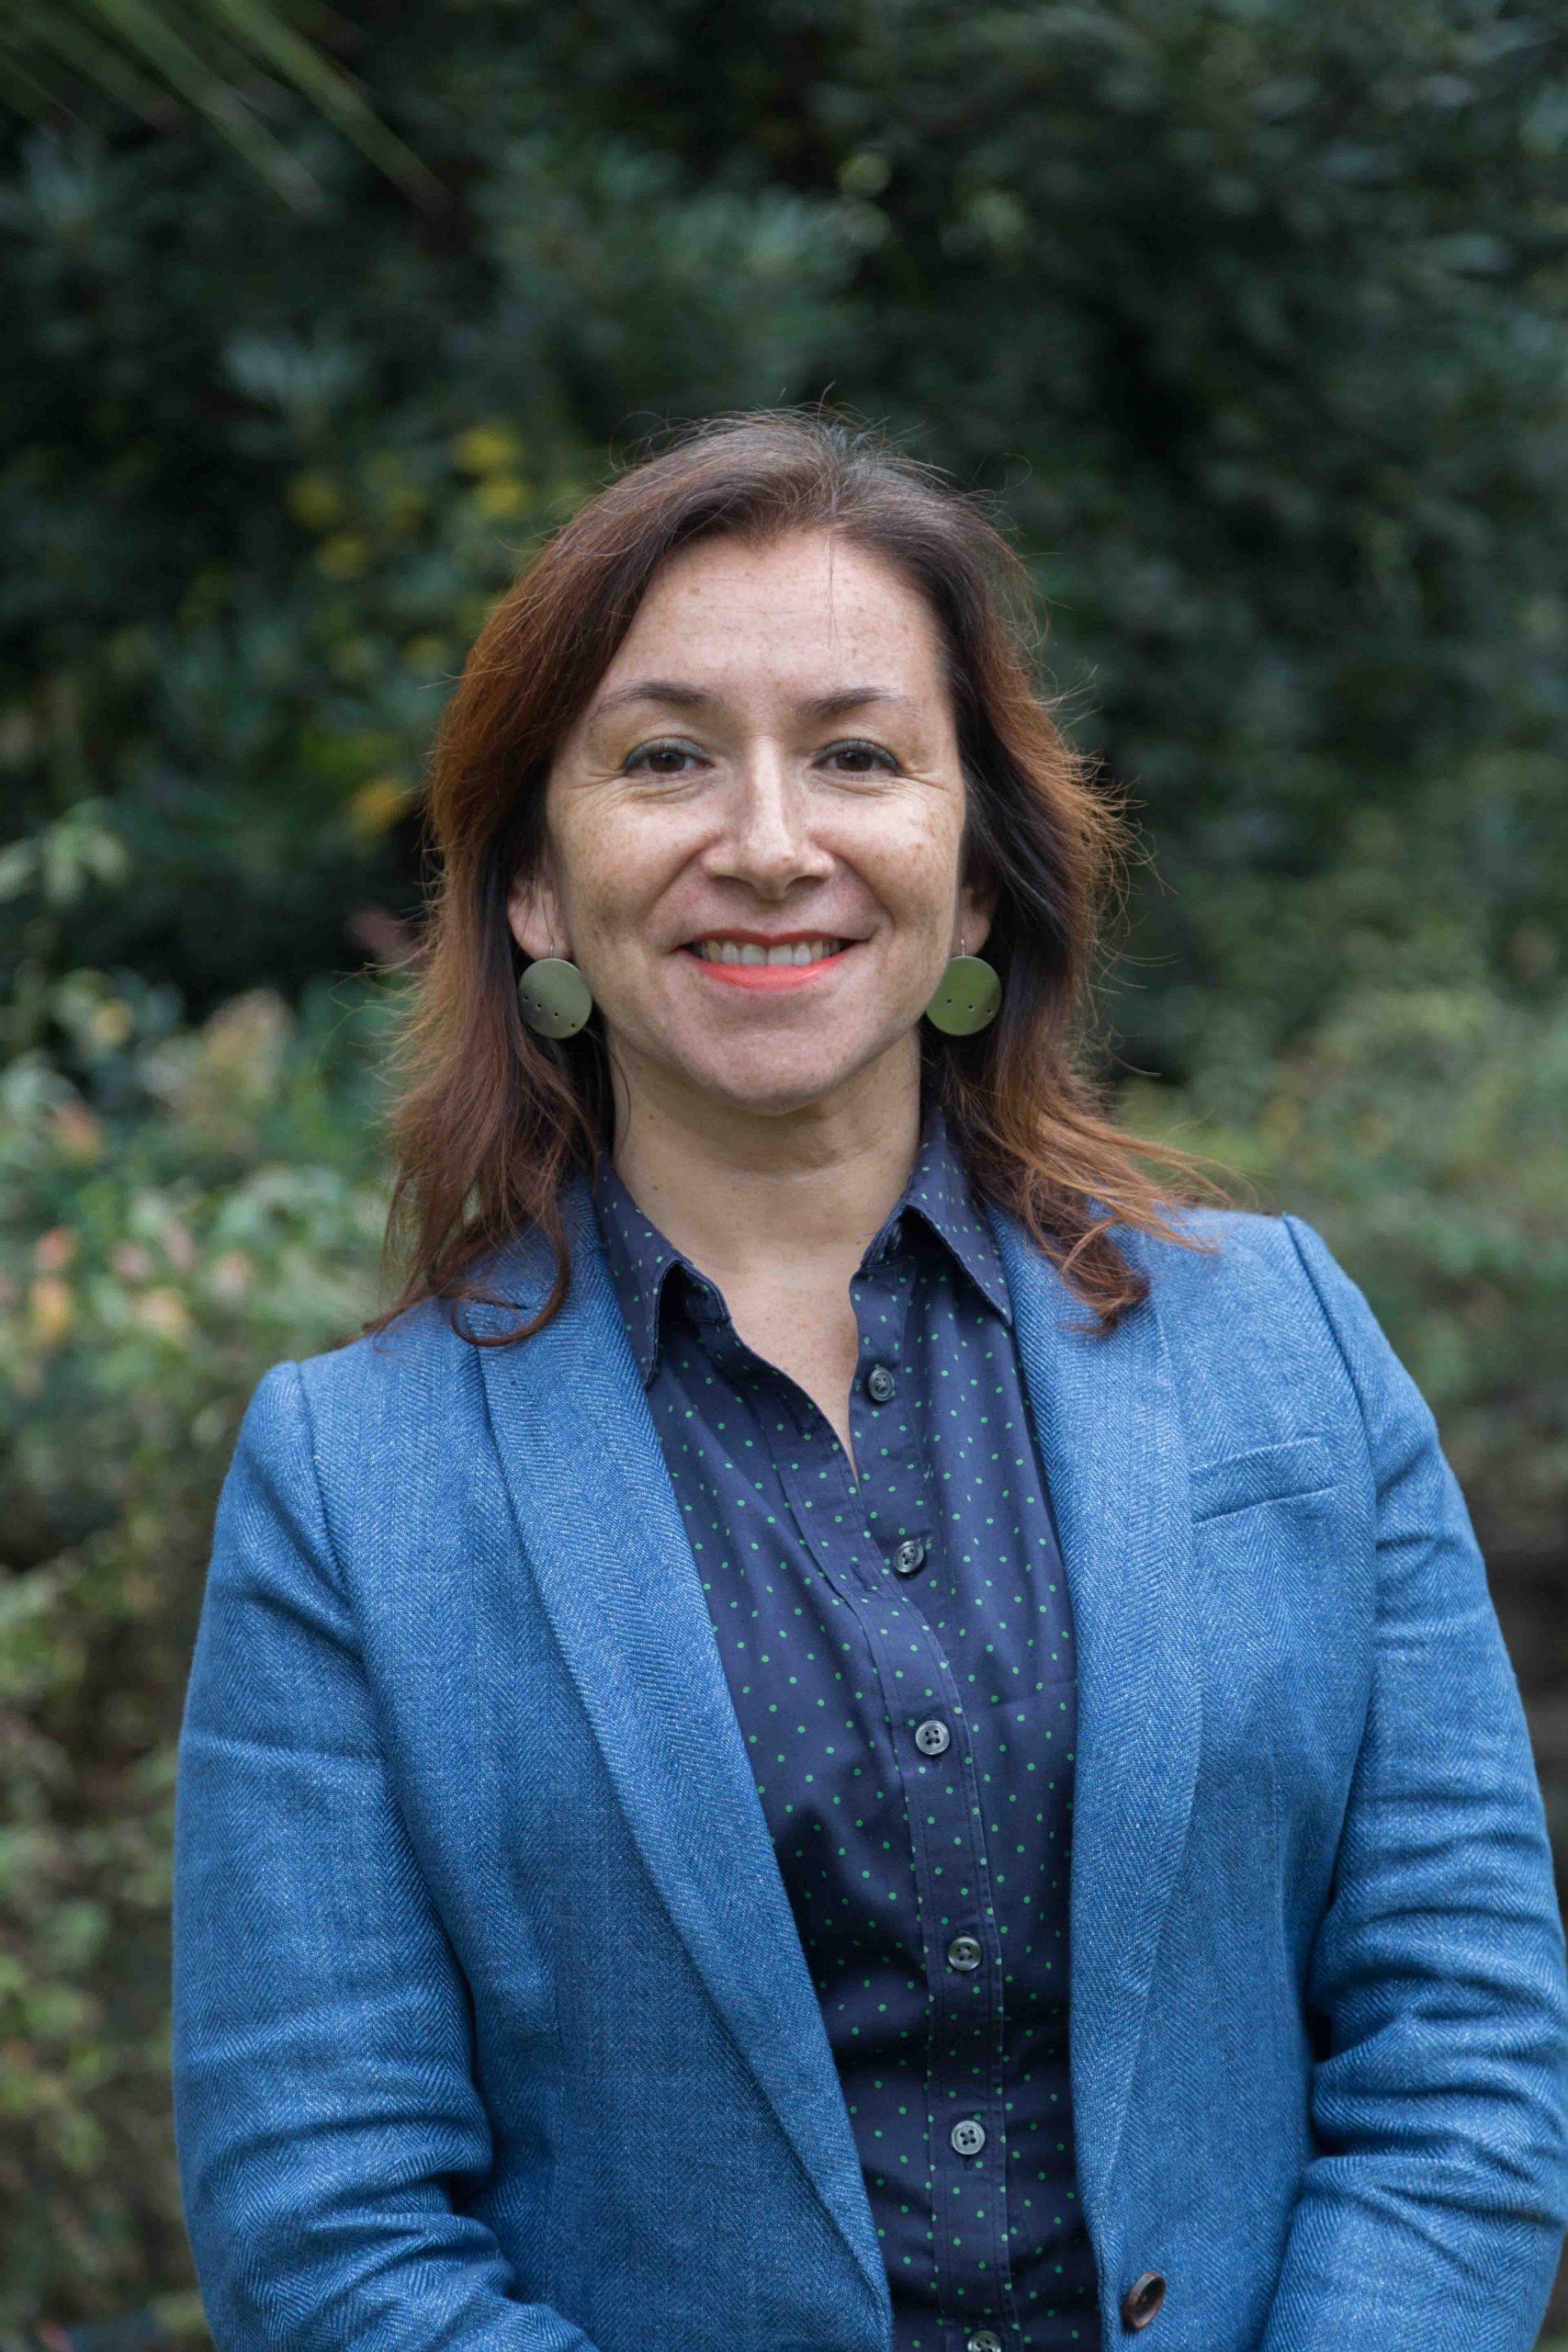 Entrevista a la profesora María Luisa Méndez en radio Universidad de Chile